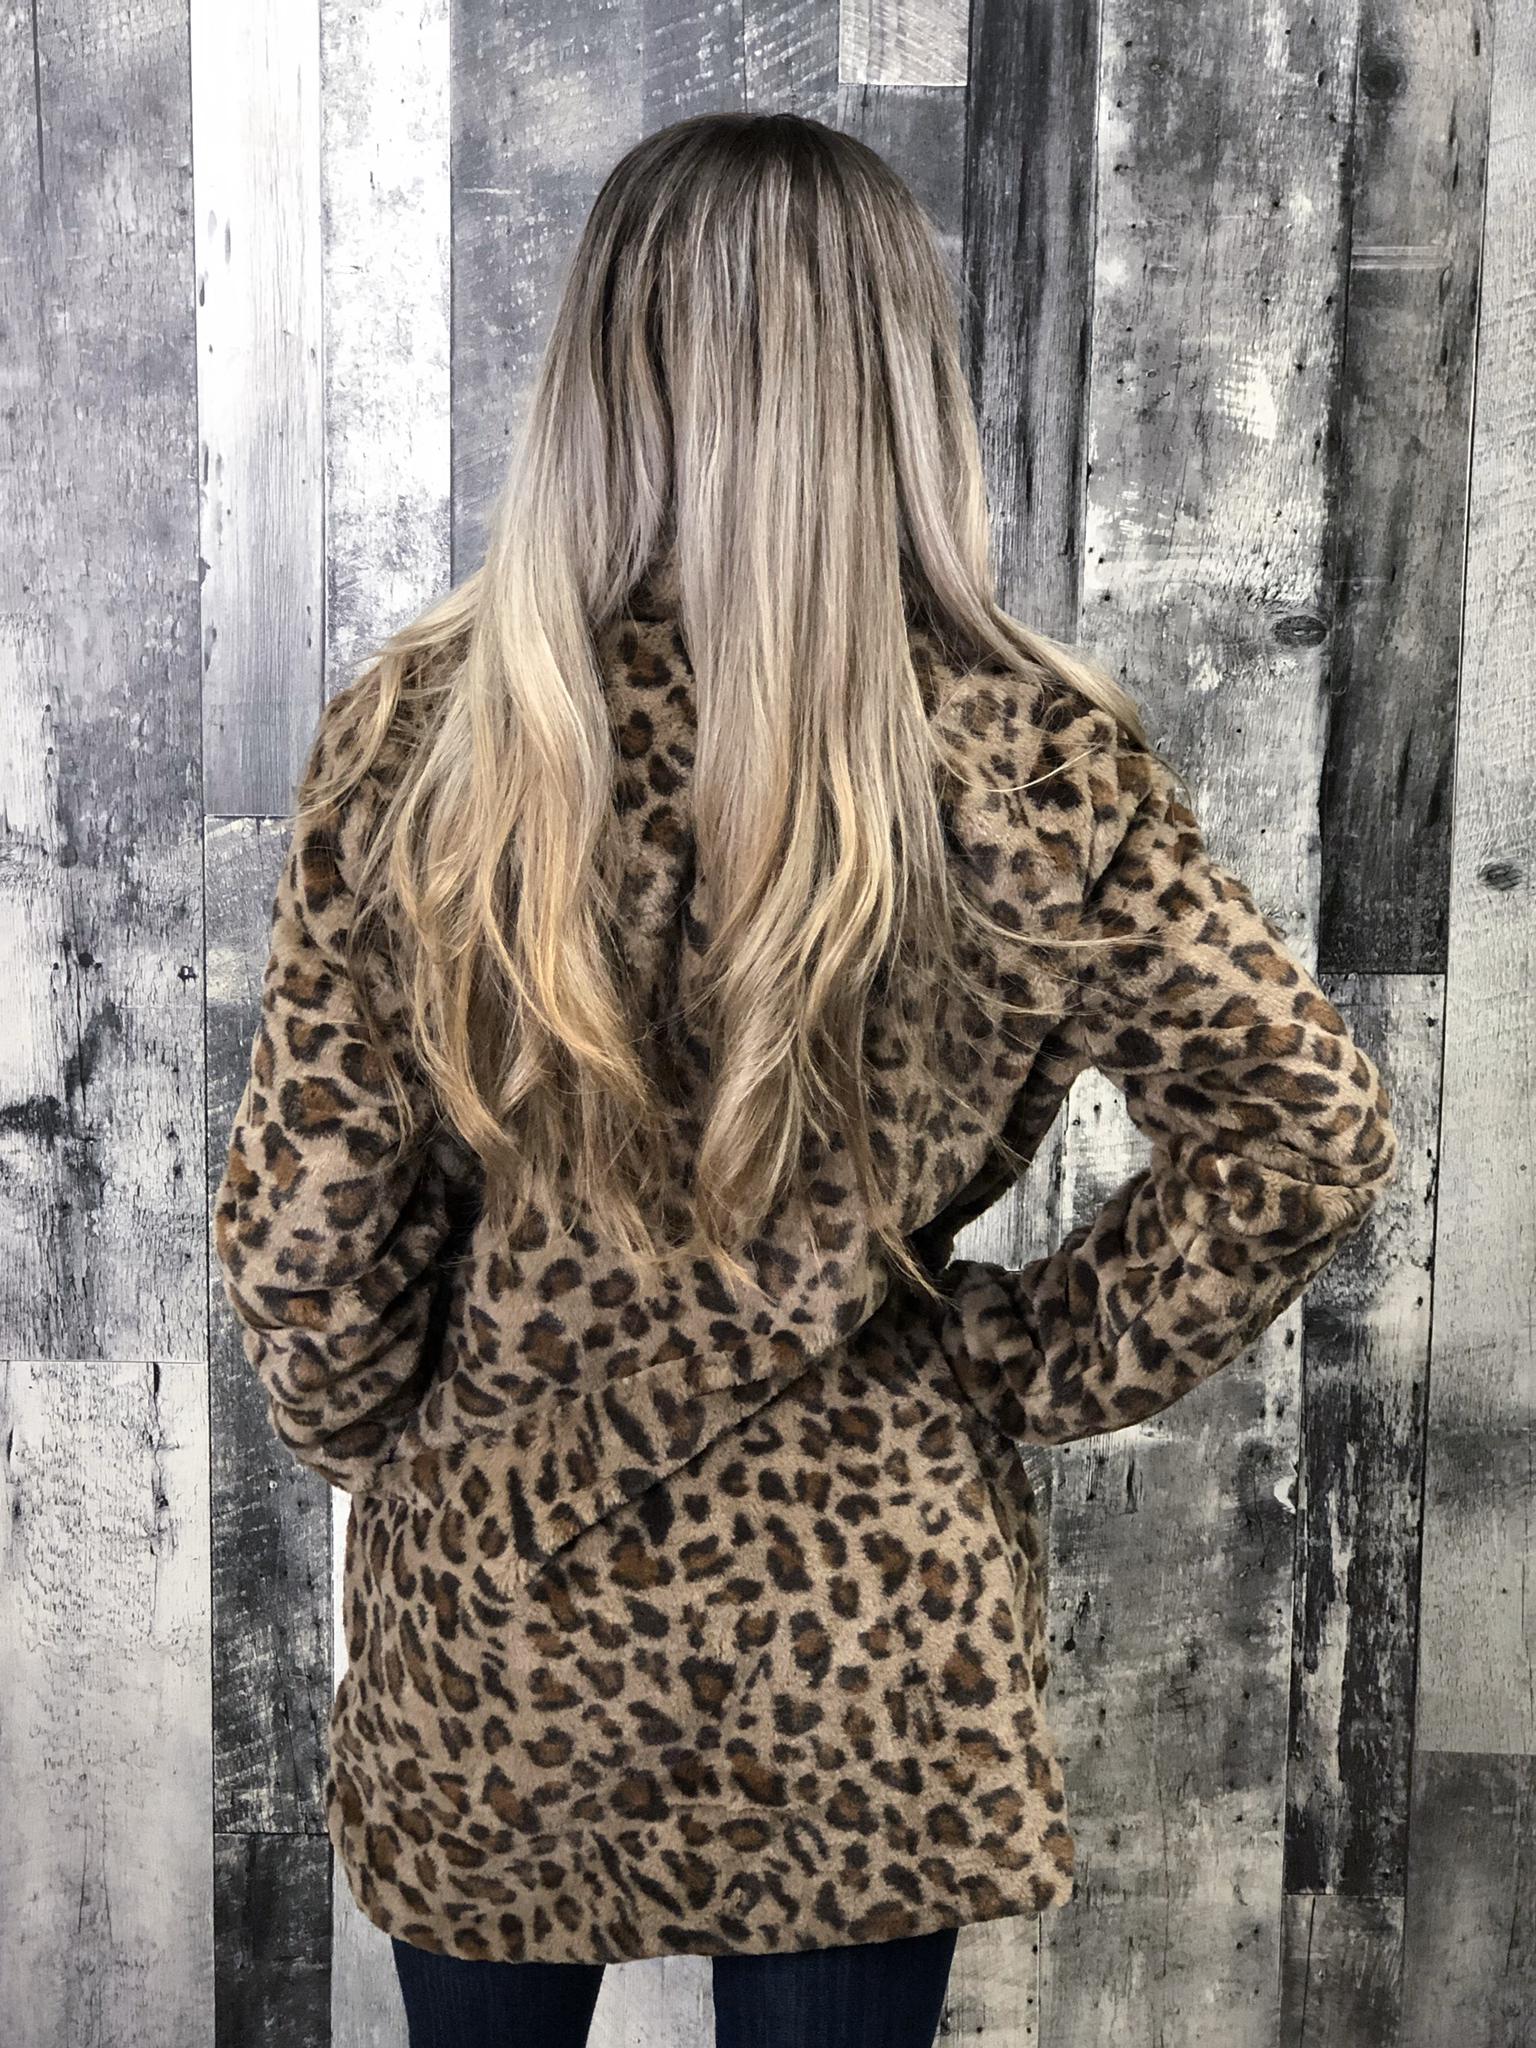 Leopard lined faux fur jacket